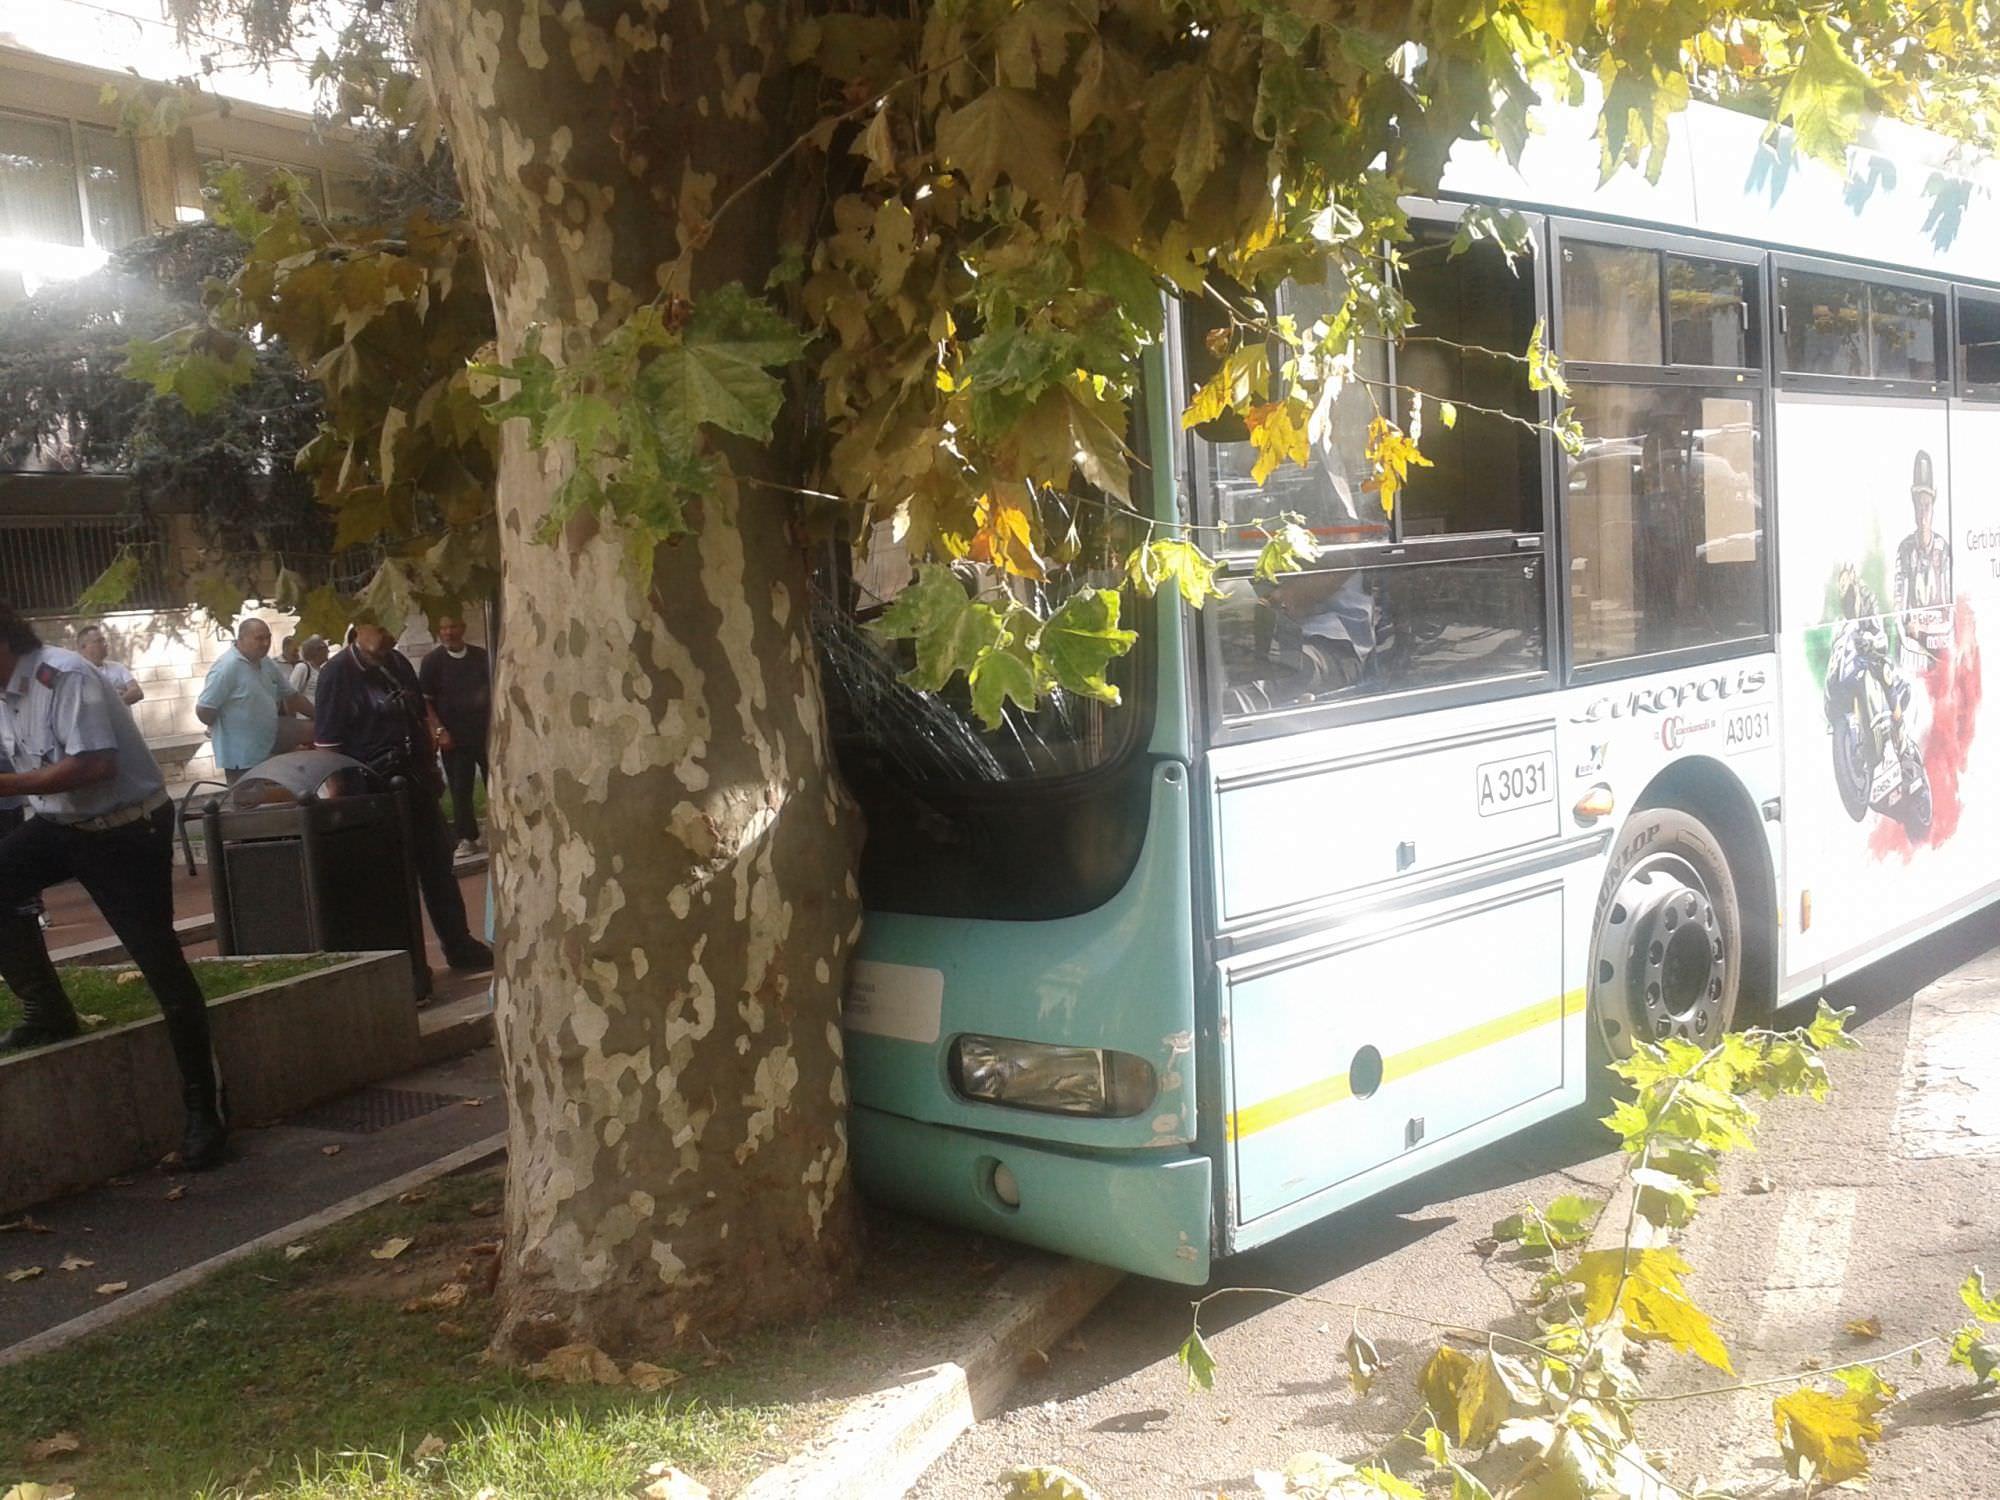 """Malore autista e autobus contro un albero. """"Deterioramento delle condizioni di vita e di lavoro dei tranvieri"""""""